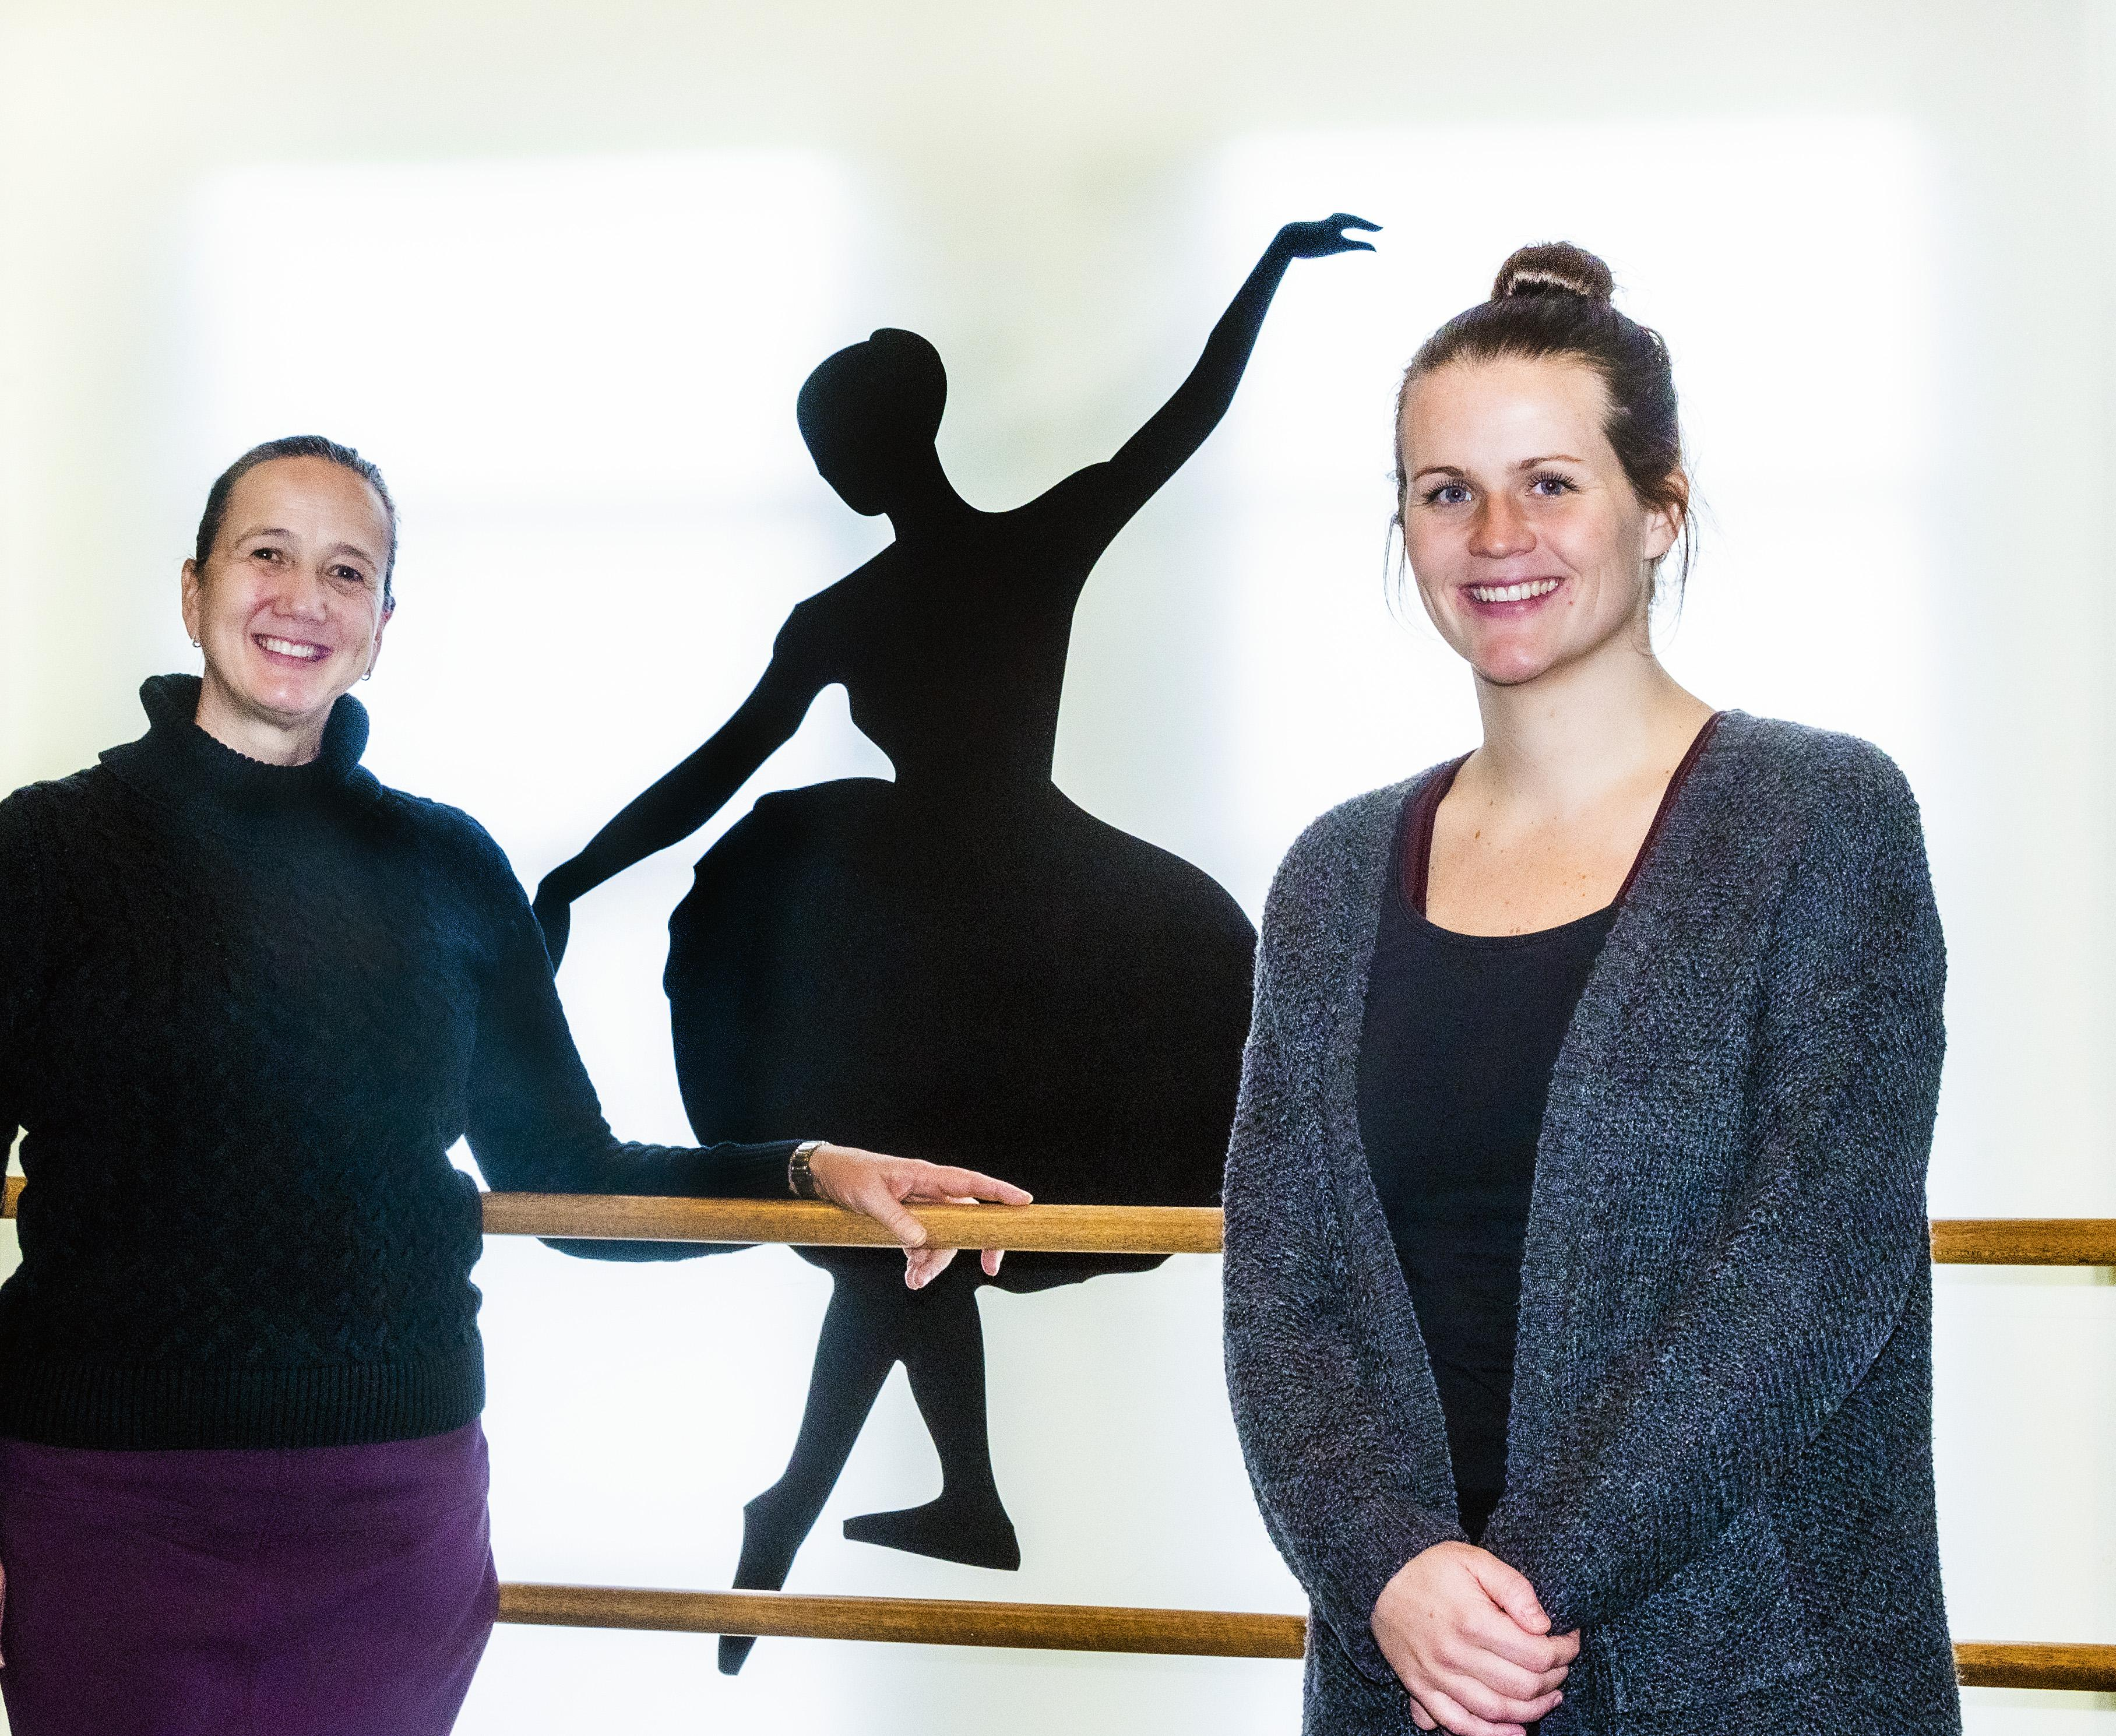 De Grote Sintshow van DanceWorks Velsen gaat sowieso door: 'Belangrijk om onze leerlingen een podium te geven'